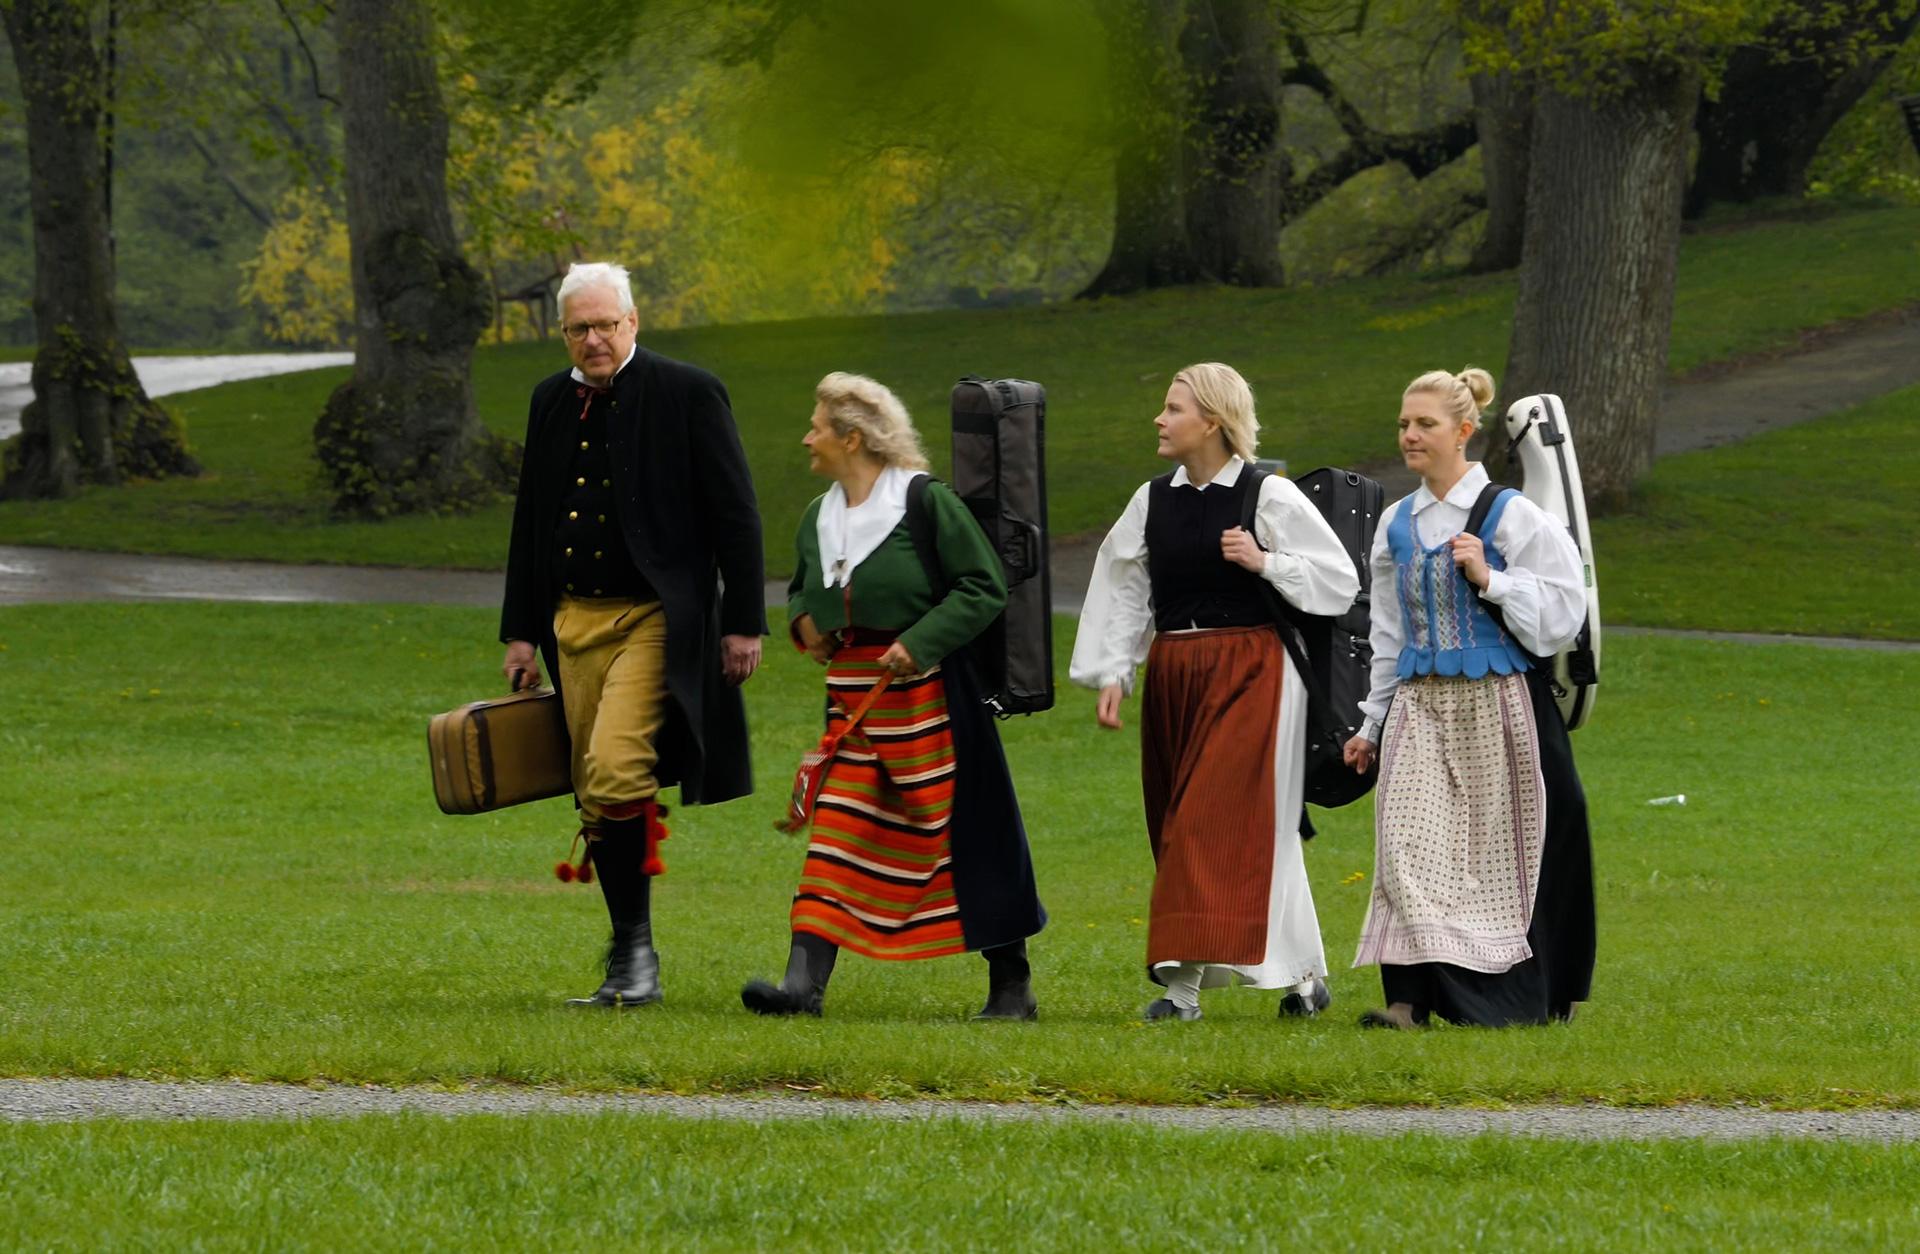 Fyra musiker i folkdräkt går över en gräsmatta